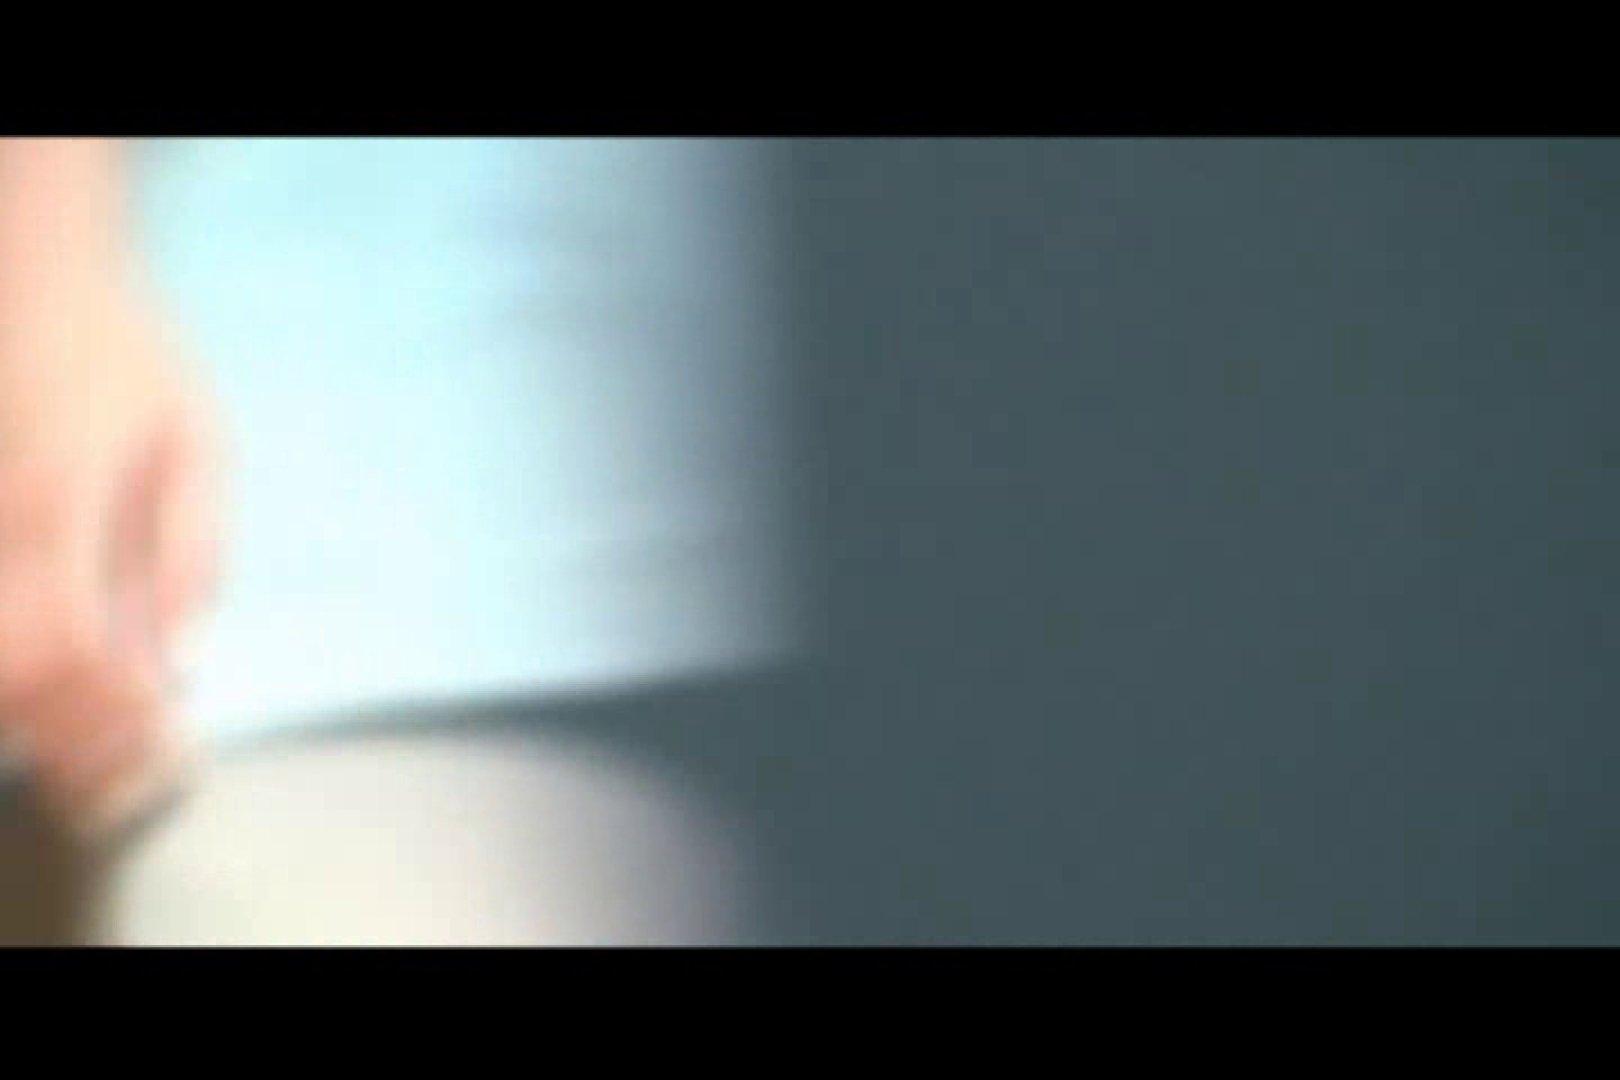 独占配信!無修正! 看護女子寮 vol.12 エロいナース   女子寮覗き見 のぞき 9枚 1